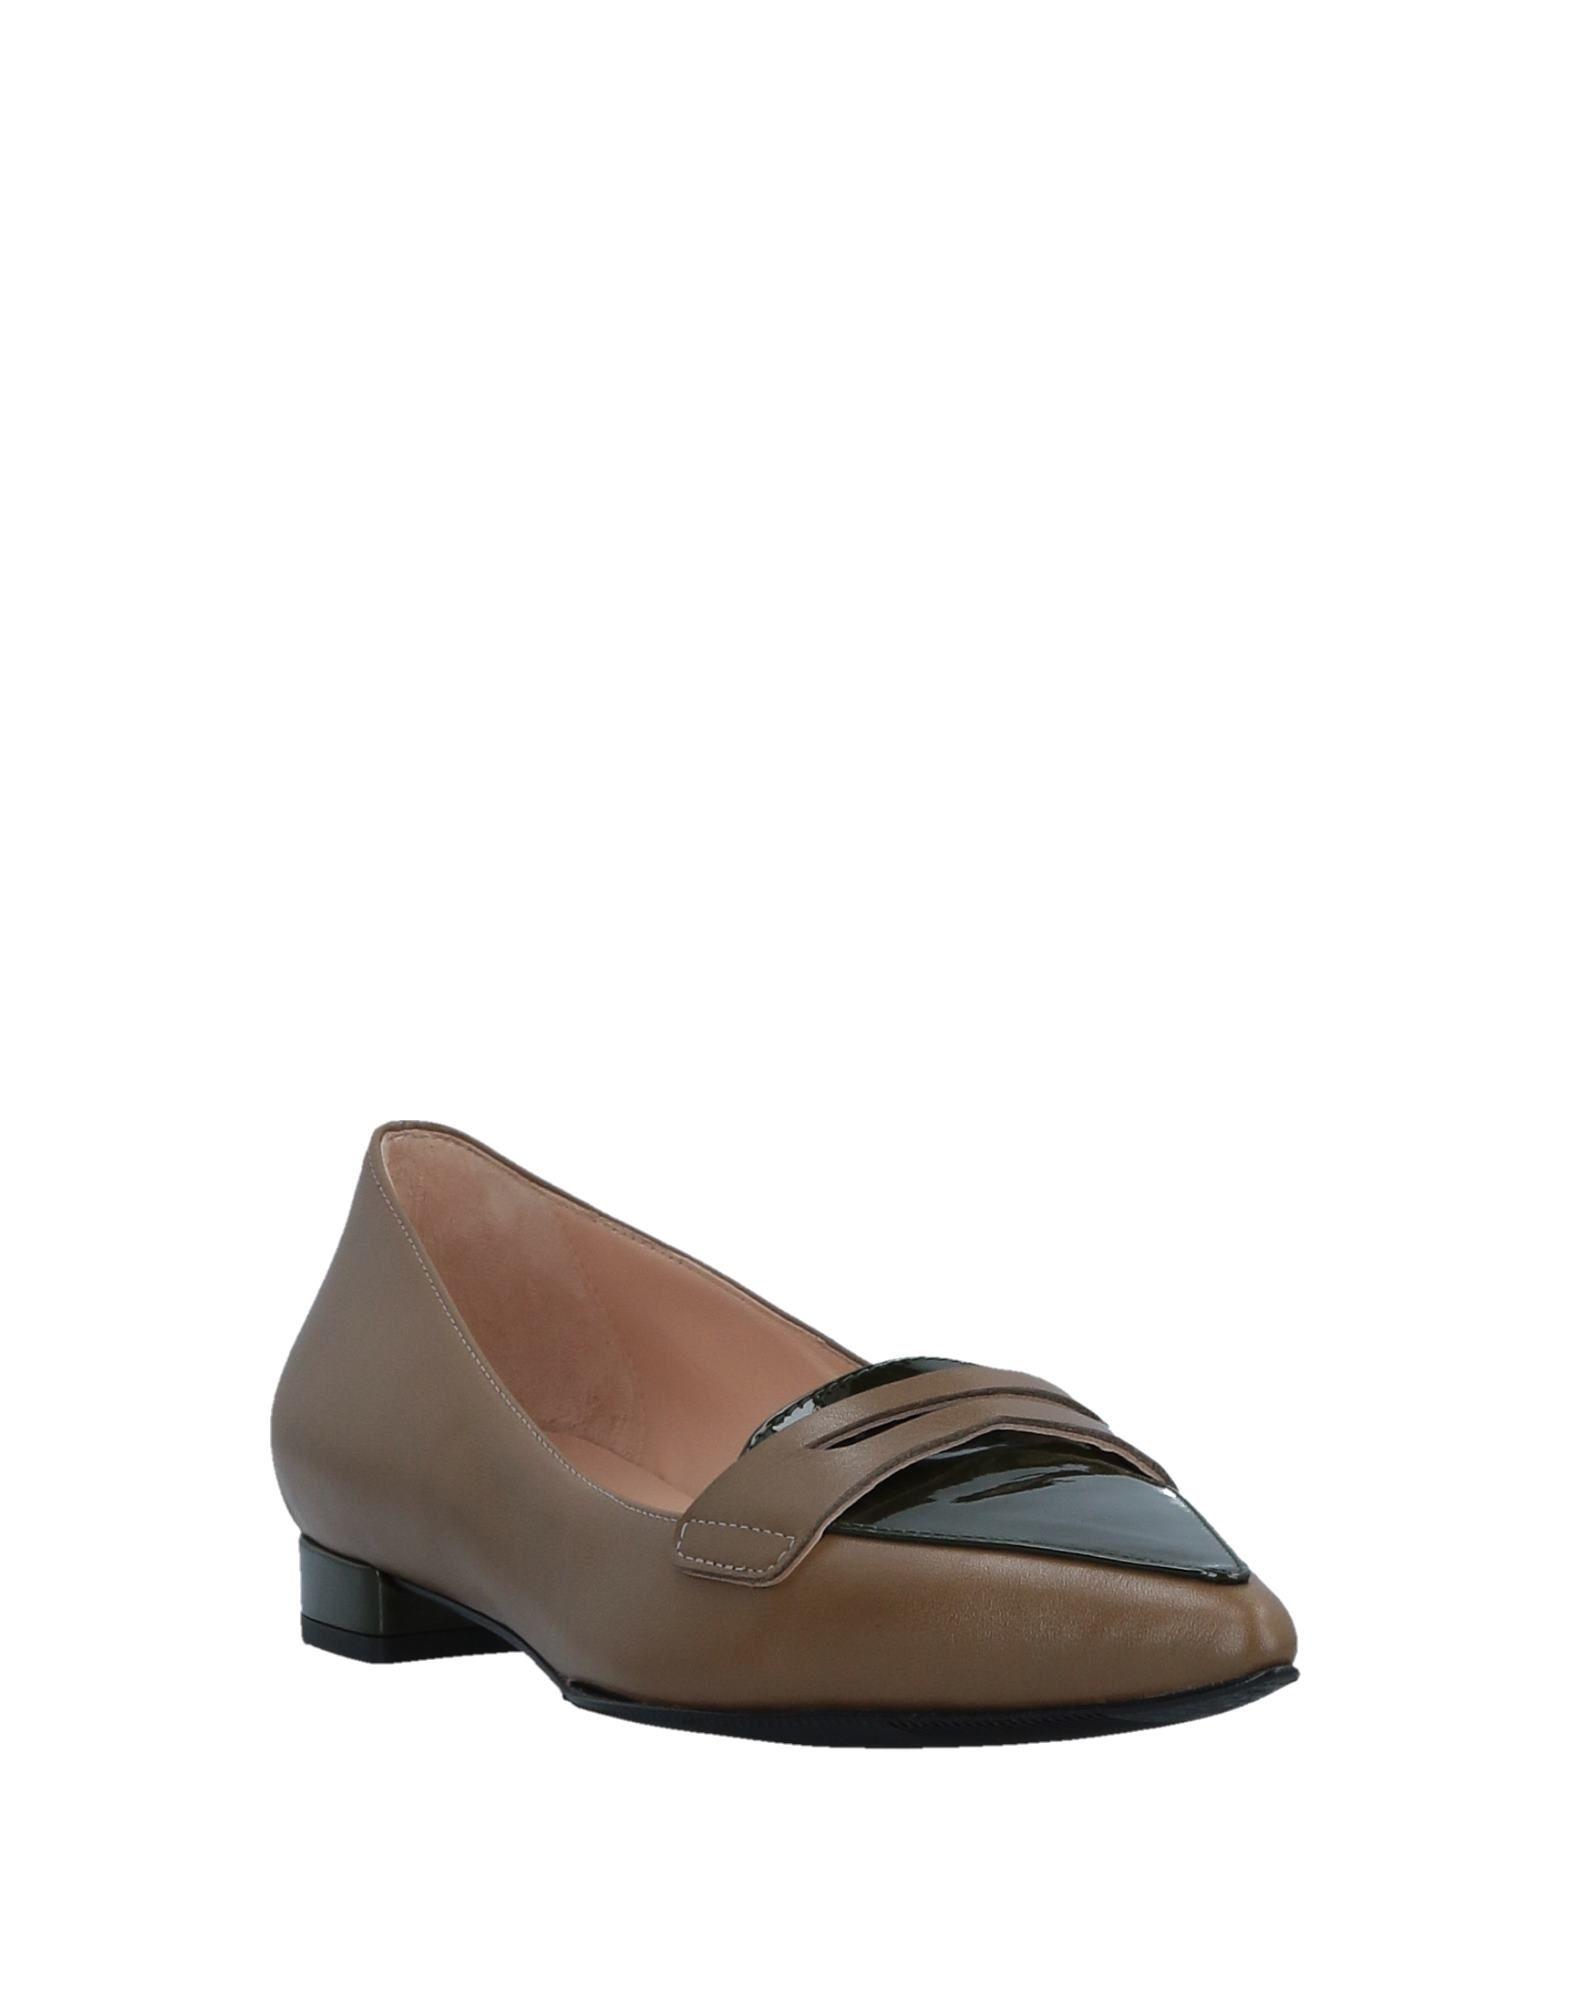 F.Lli Bruglia Mokassins Damen Schuhe  11520688EMGut aussehende strapazierfähige Schuhe Damen 88f396